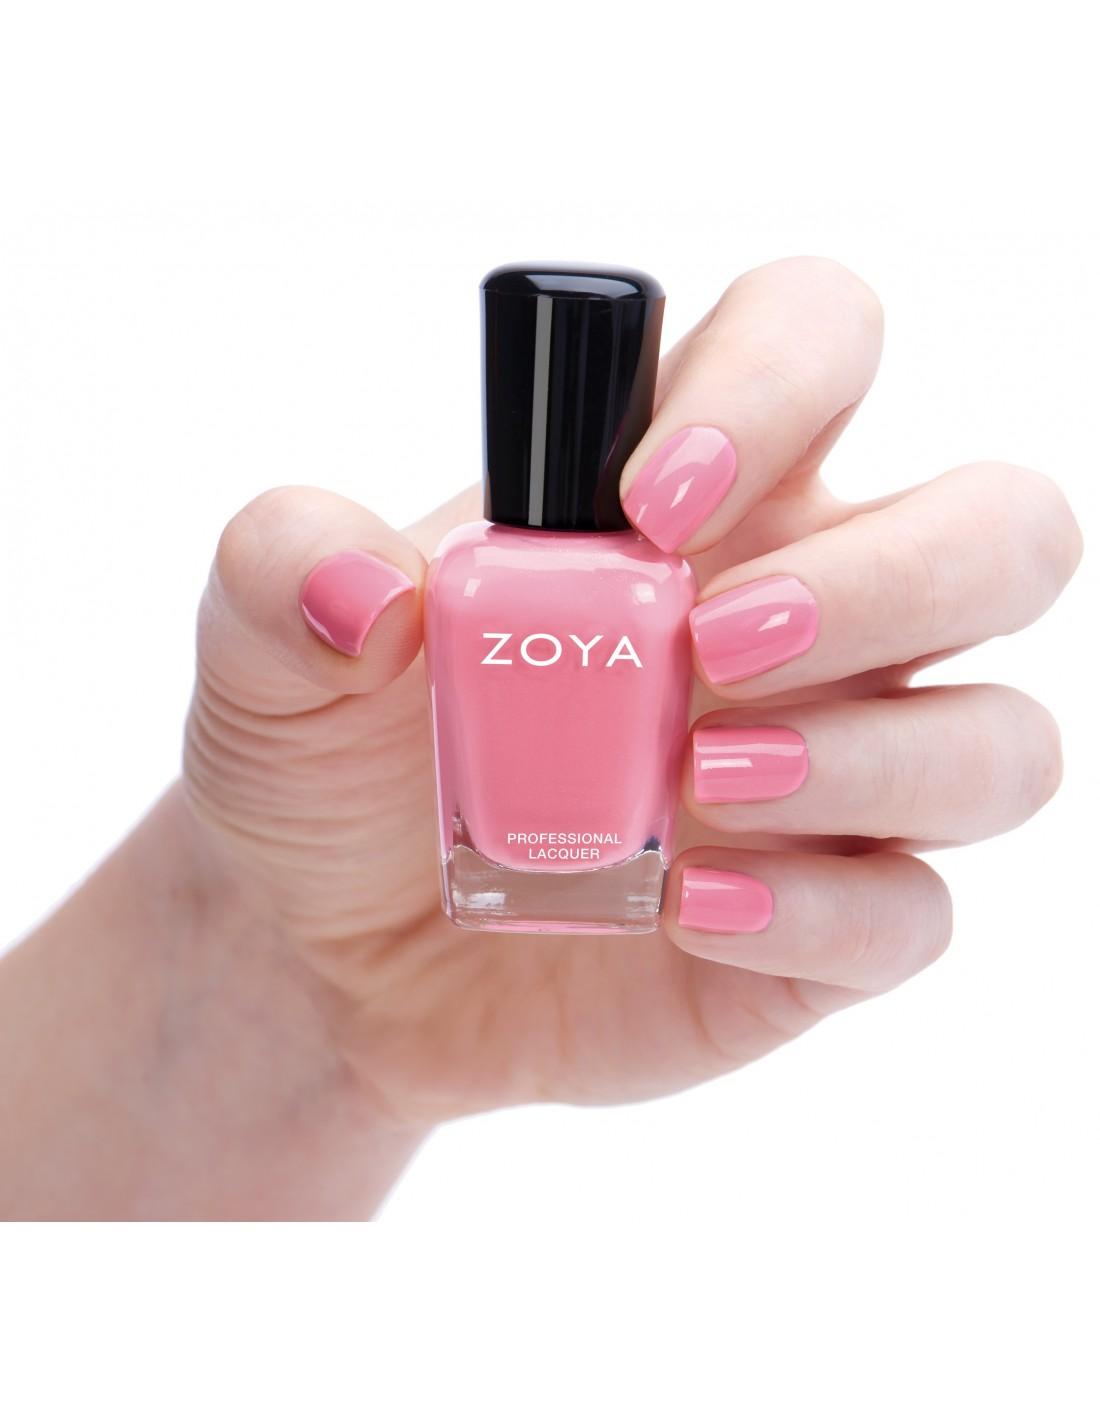 Zoya Laurel